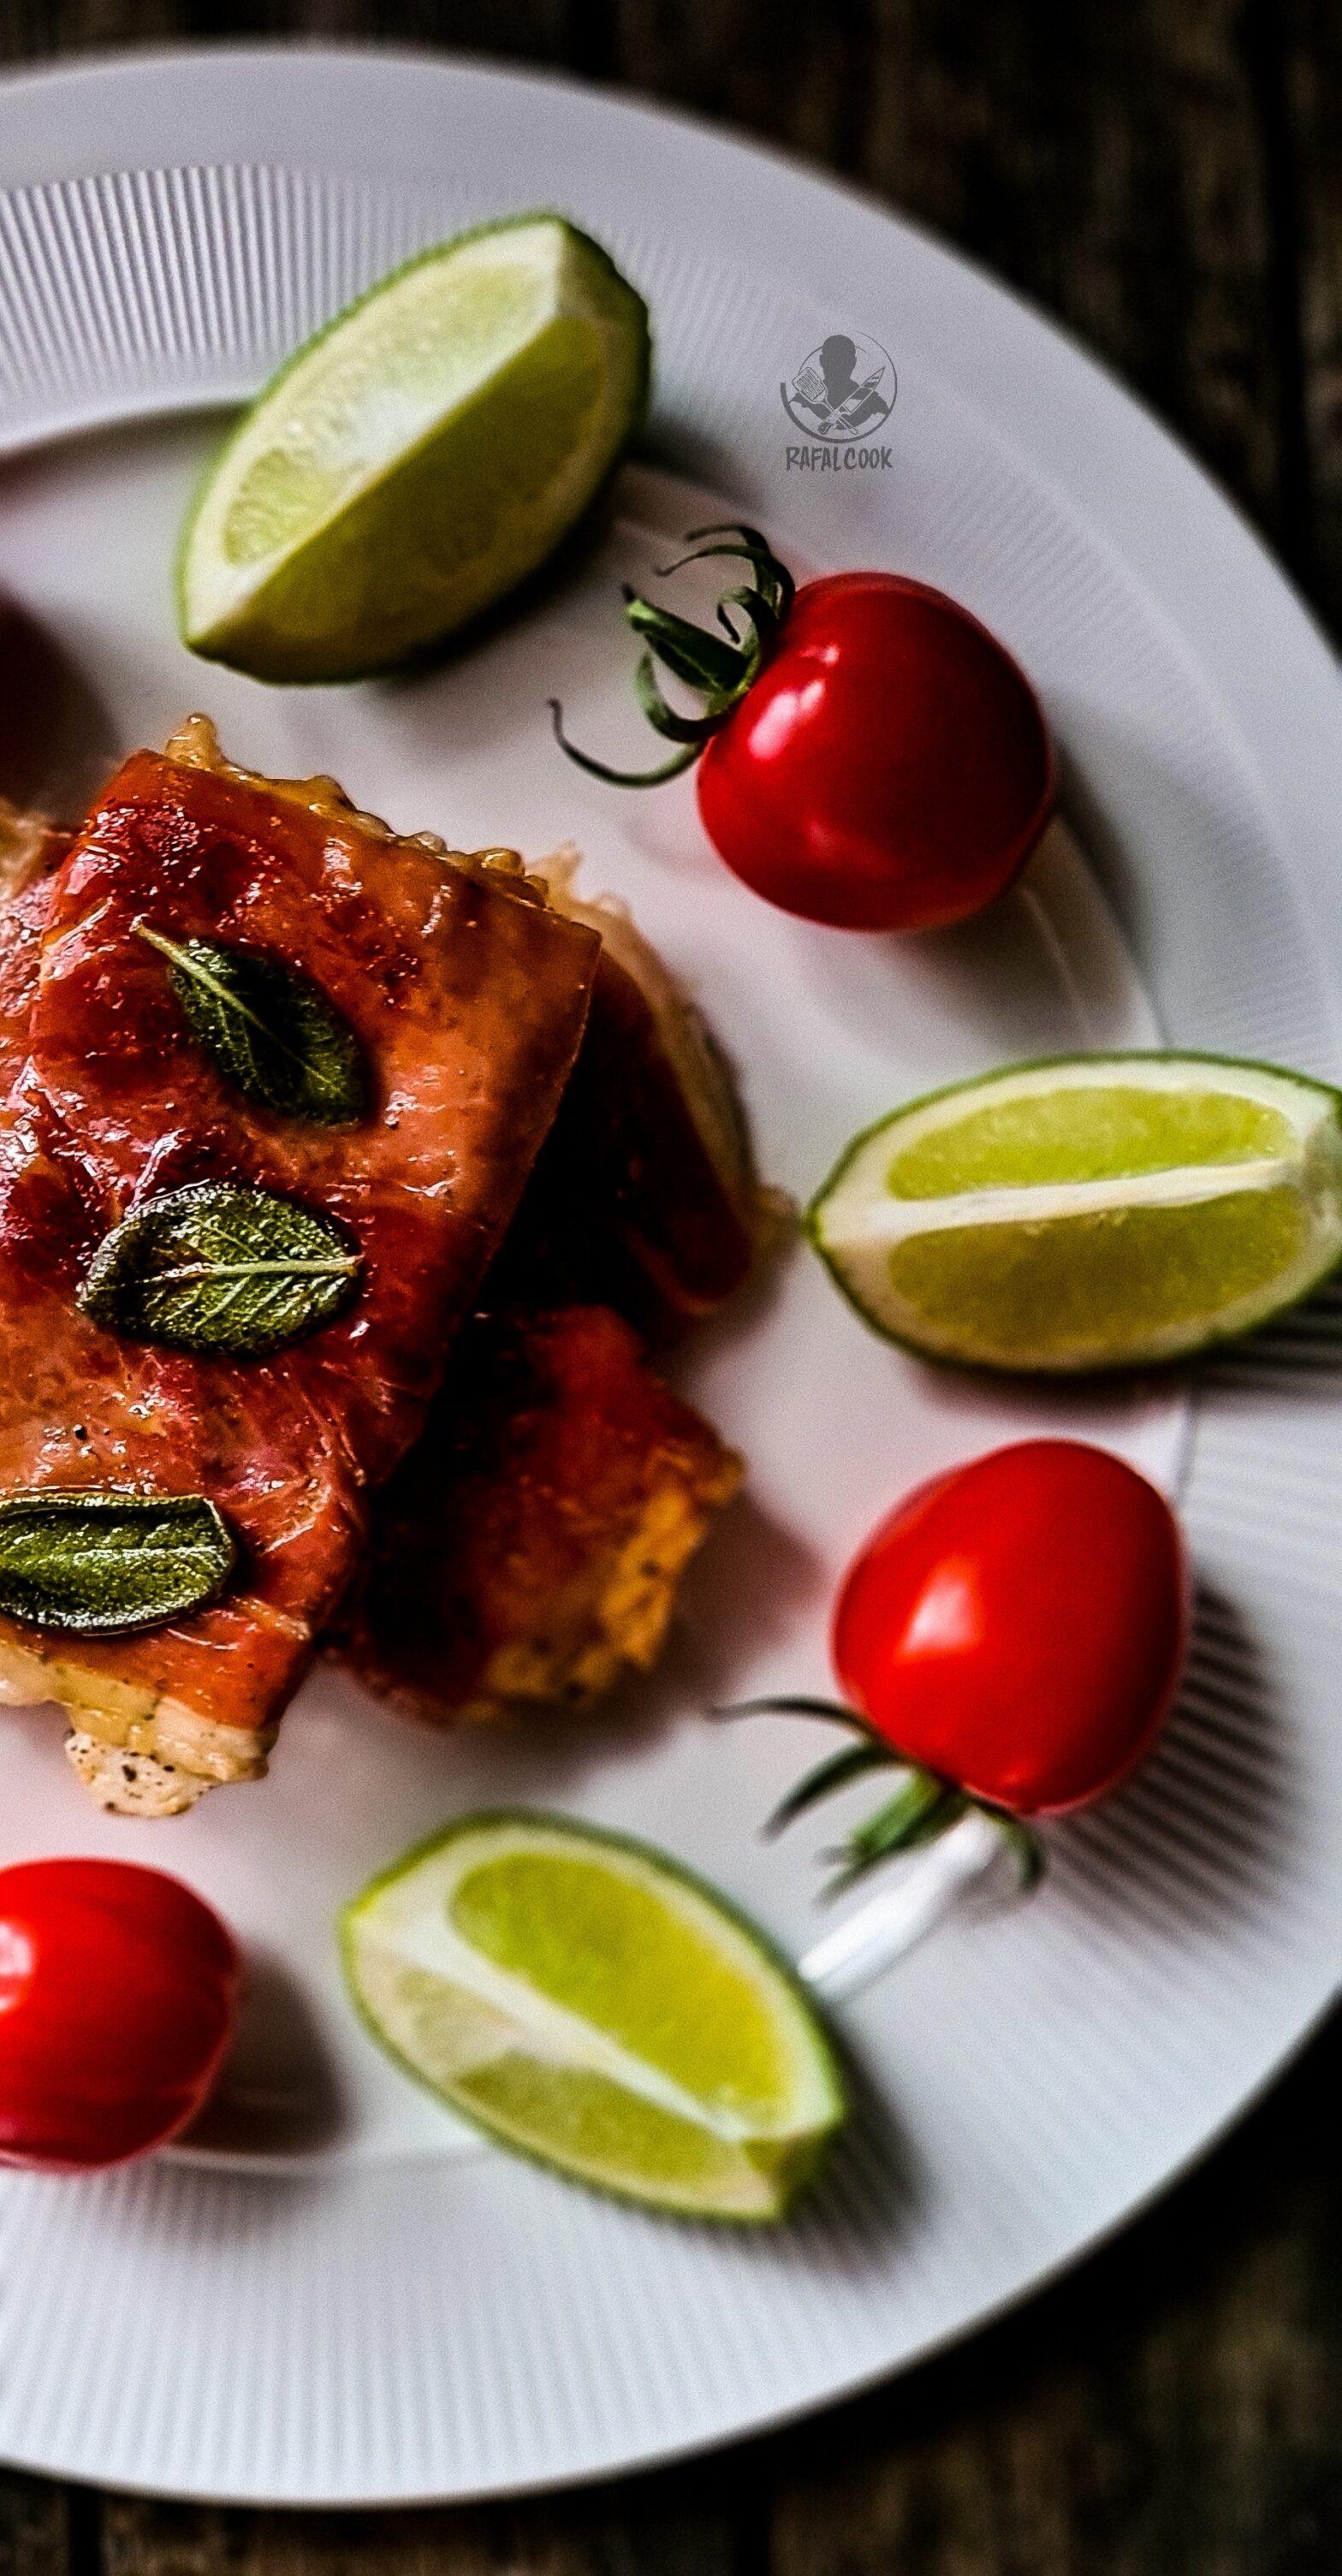 Szybkie danie z Rzymu Saltimbocca